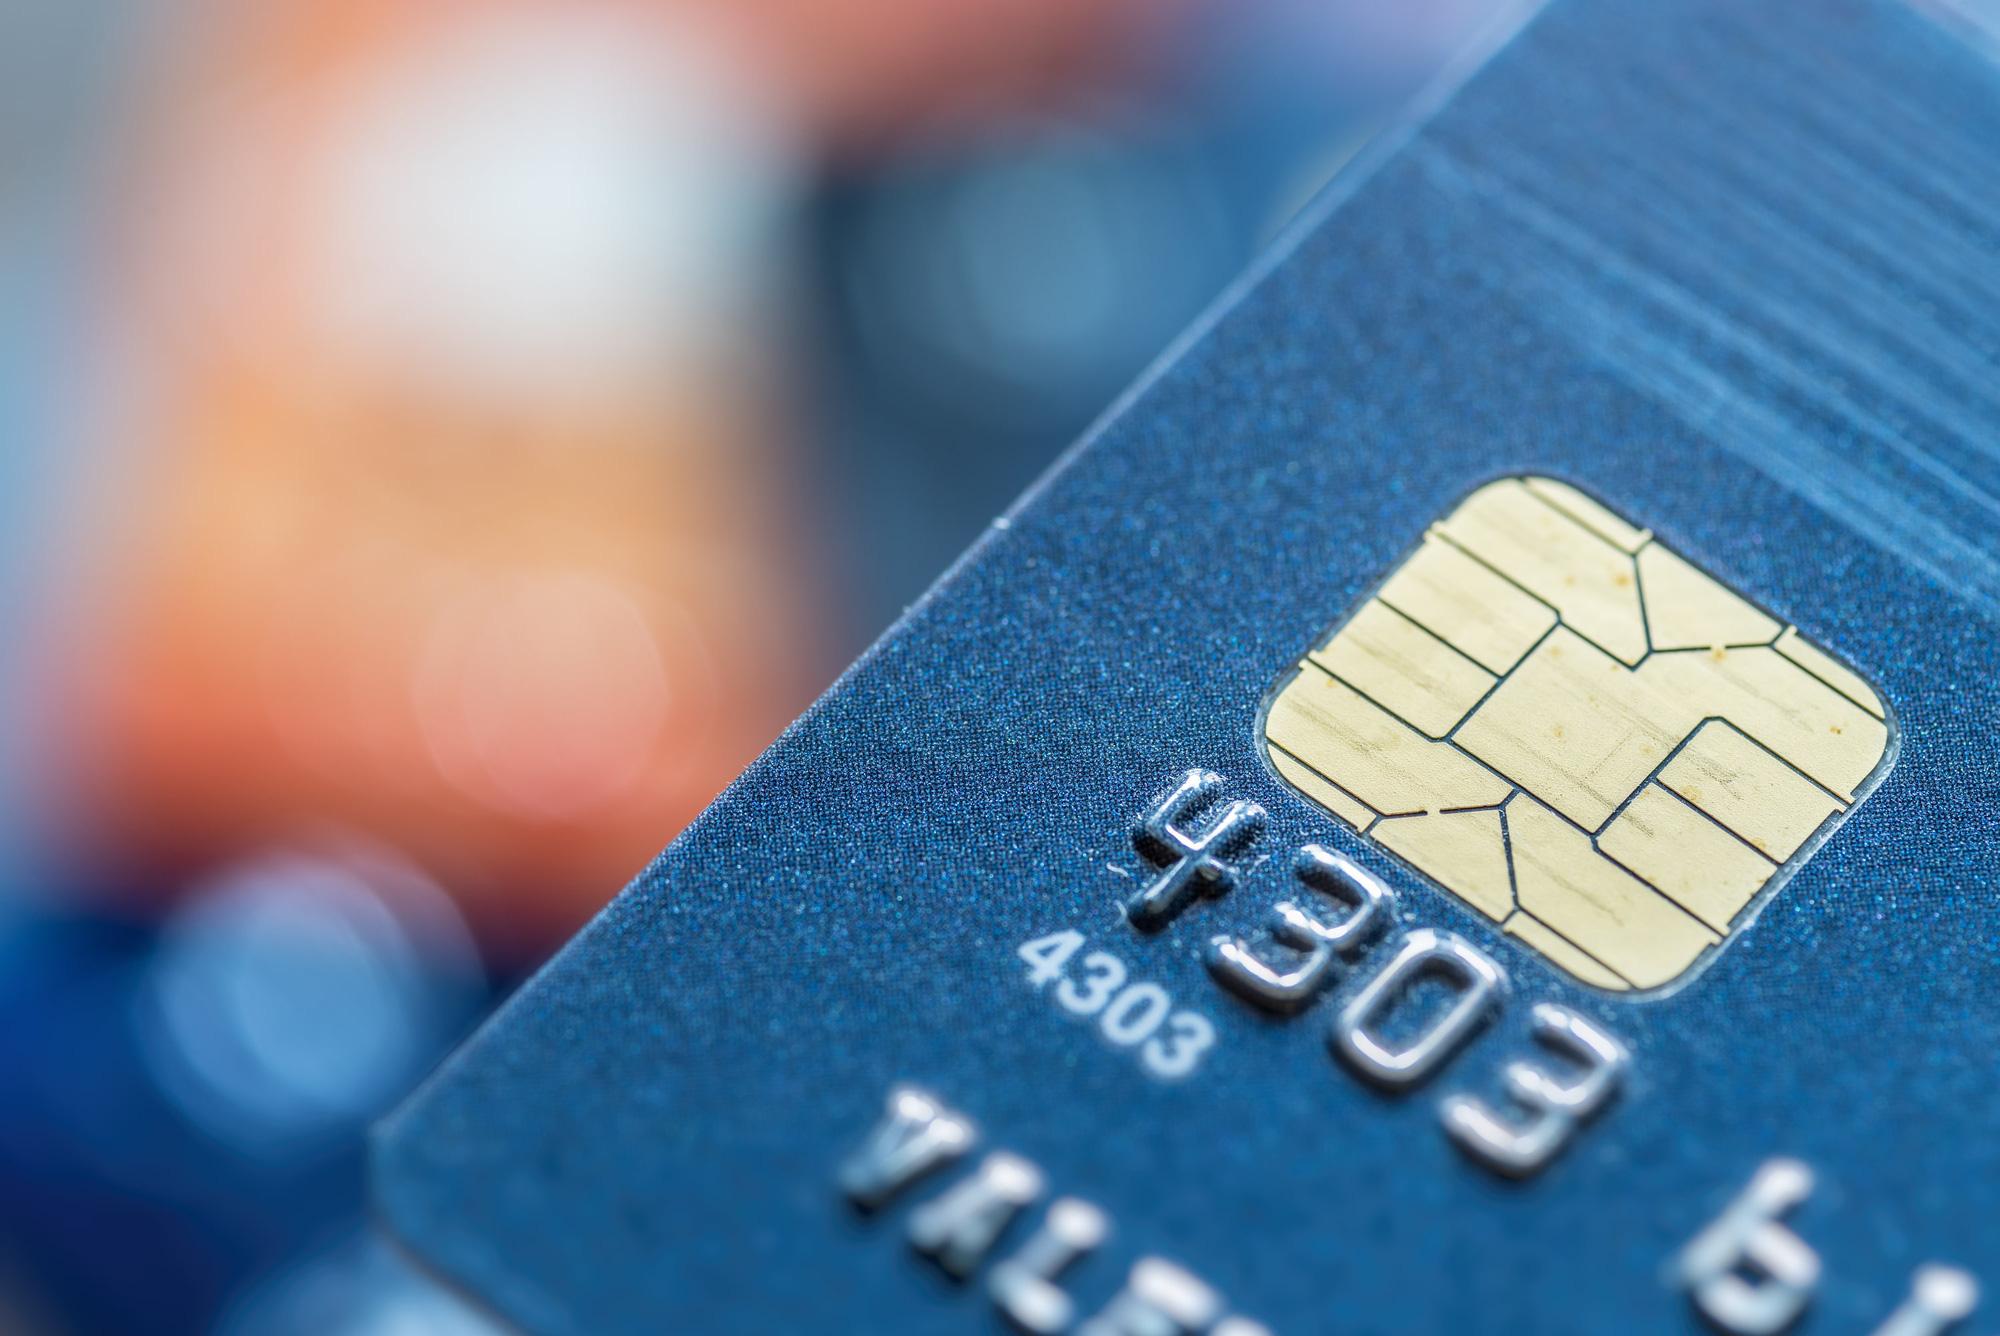 Ngân hàng có thể buộc phải phát hành thẻ chip sau ngày 31/3/2021 - Ảnh 1.